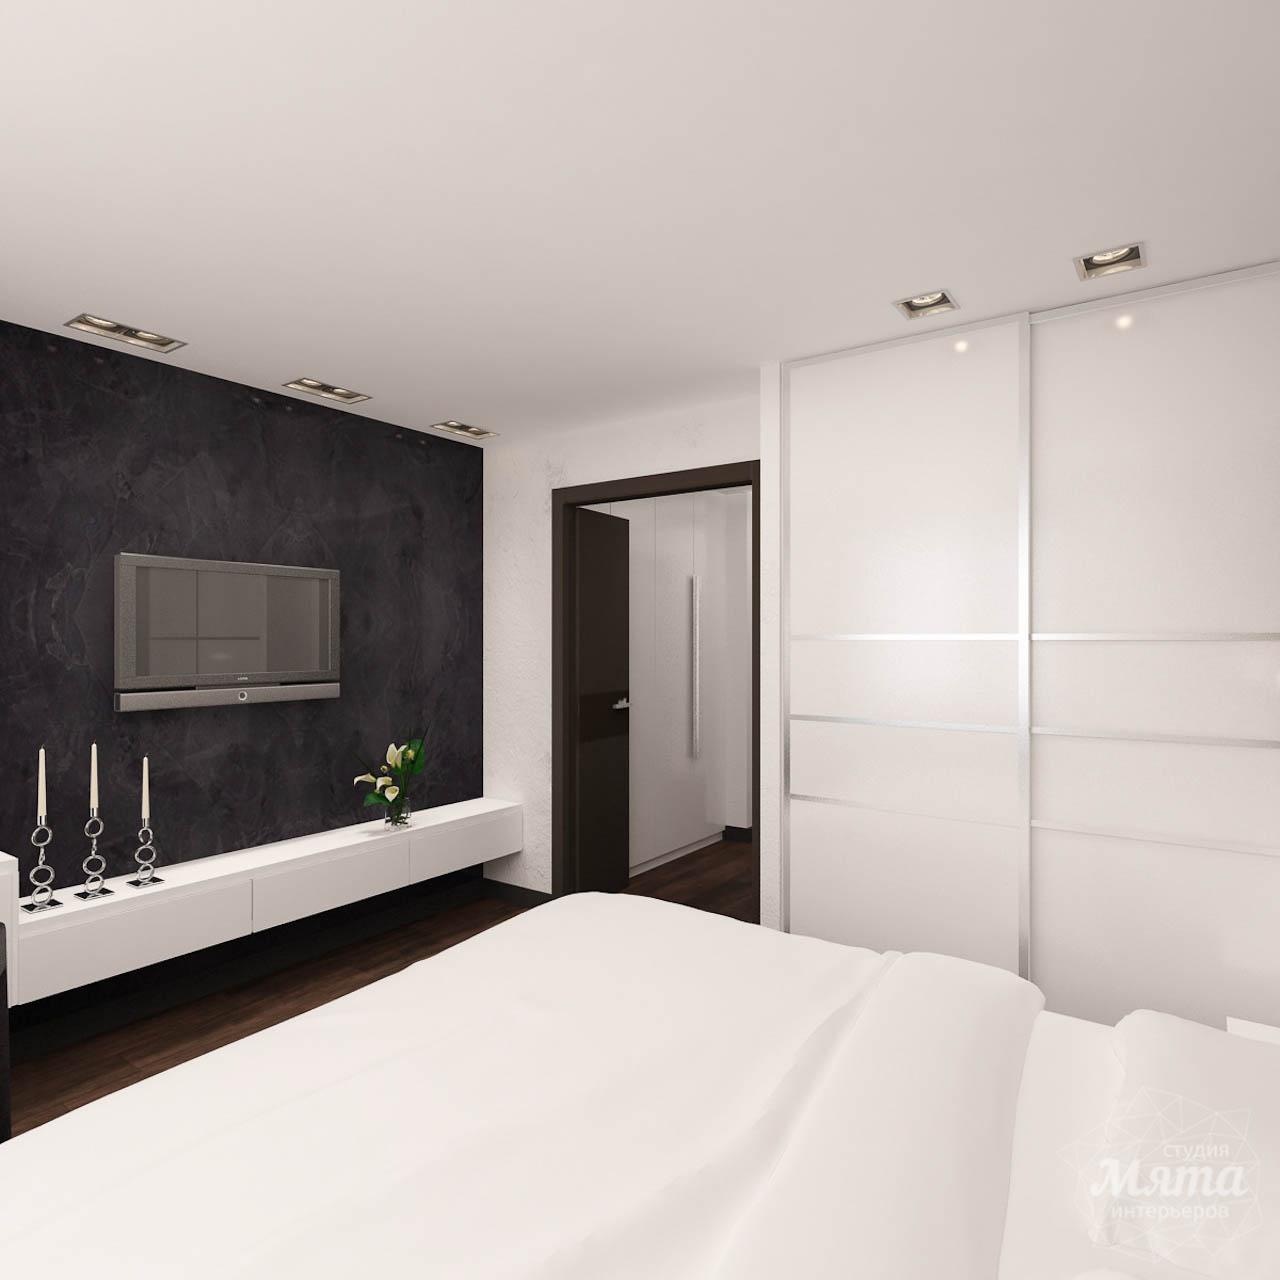 Дизайн интерьера однокомнатной квартиры по ул. Гагарина 27 img798690553